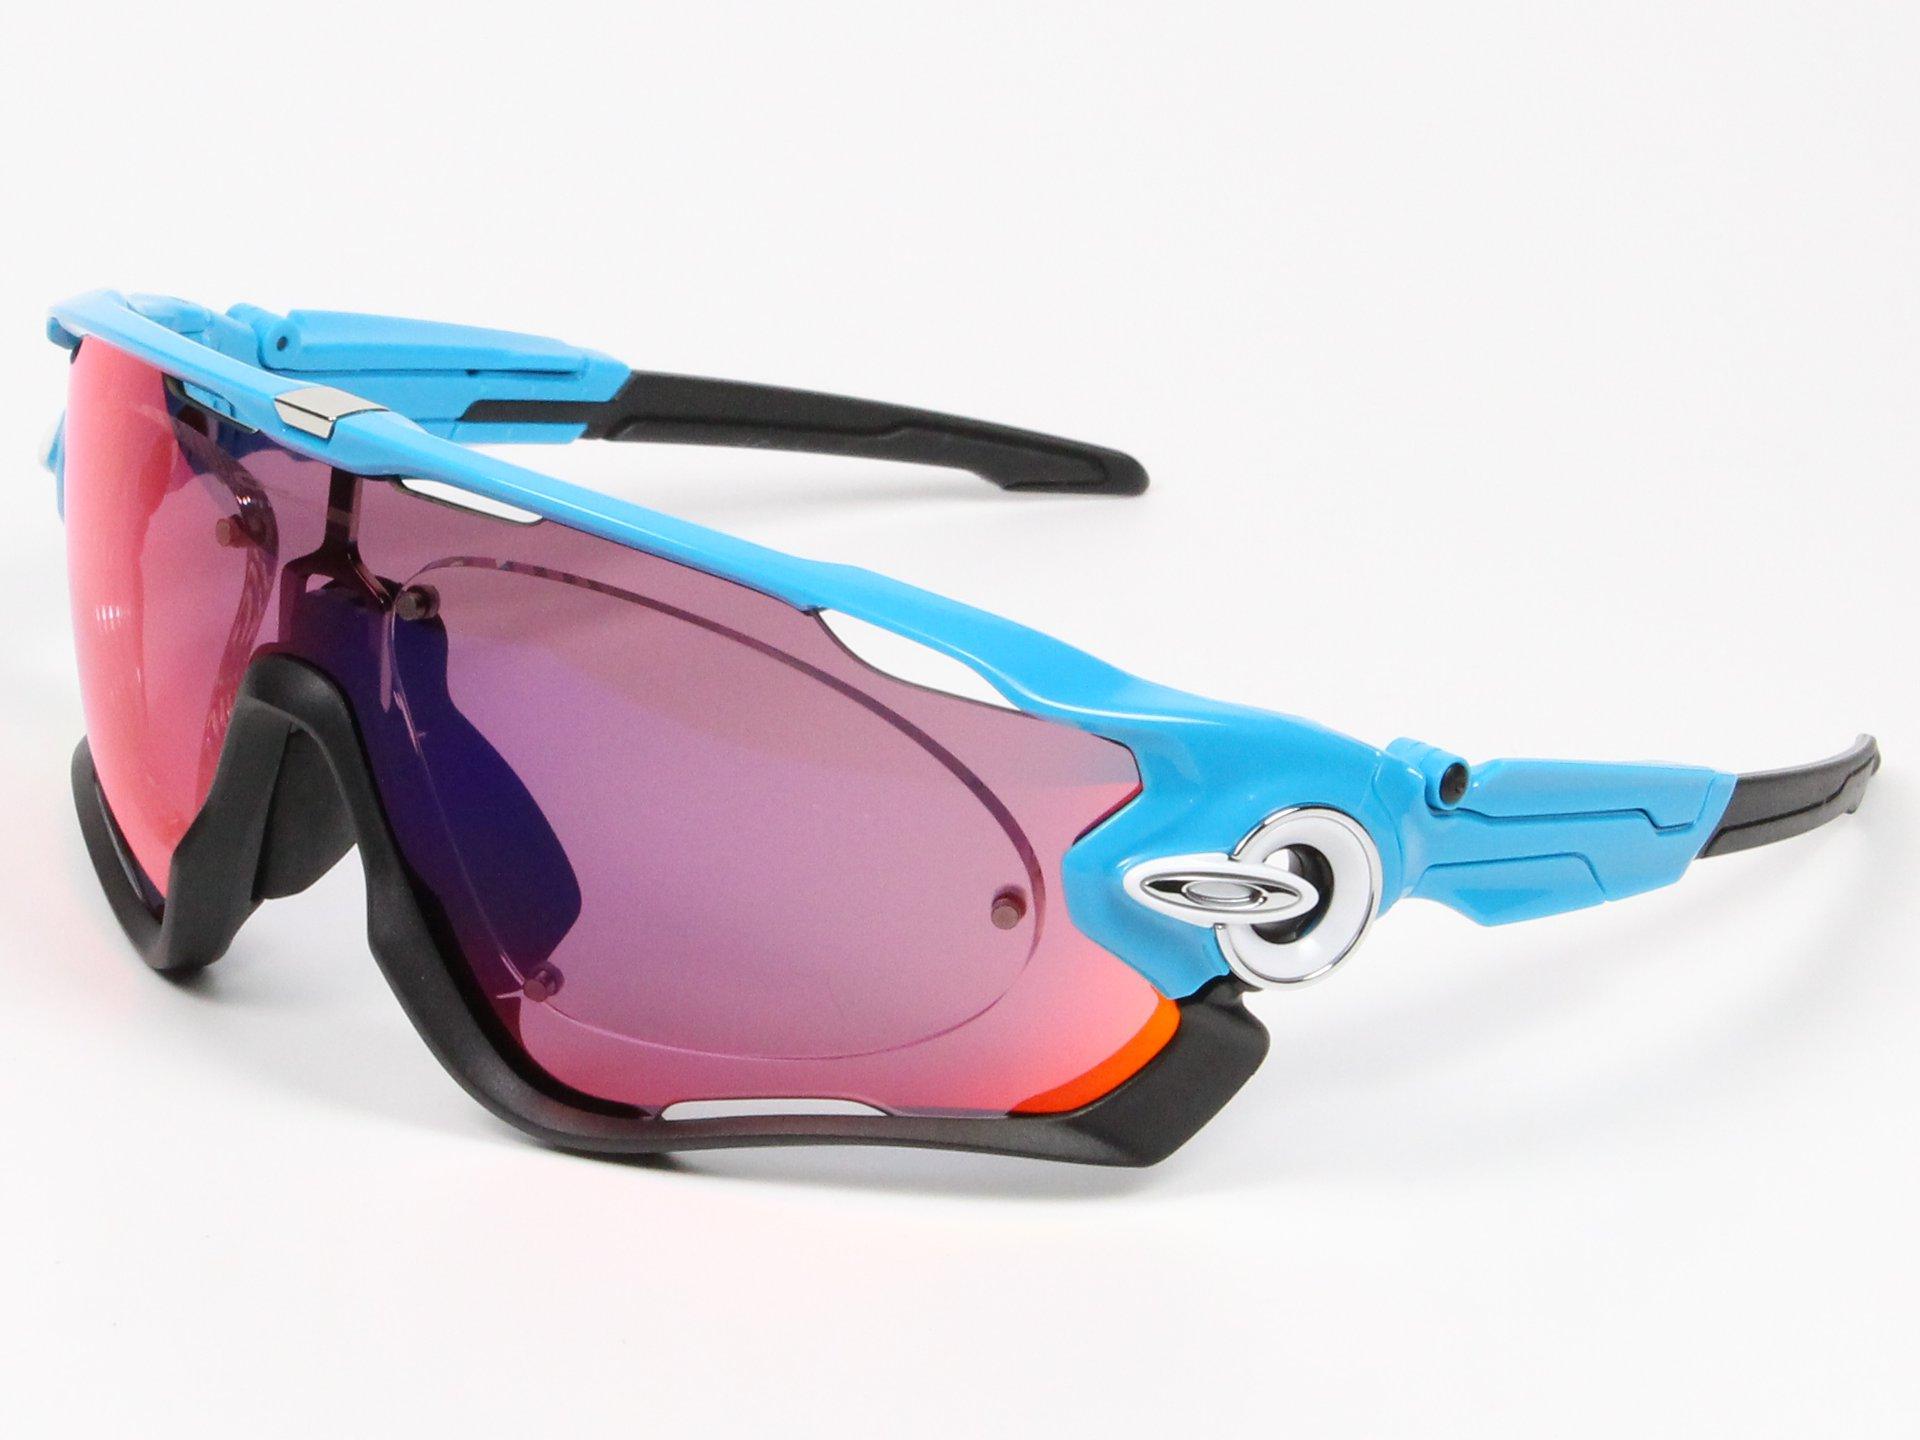 OAKLEY×スイッチマグ 度付スポーツサングラス製作例 JAWBREAKER(オークリー・ジョウブレイカー)